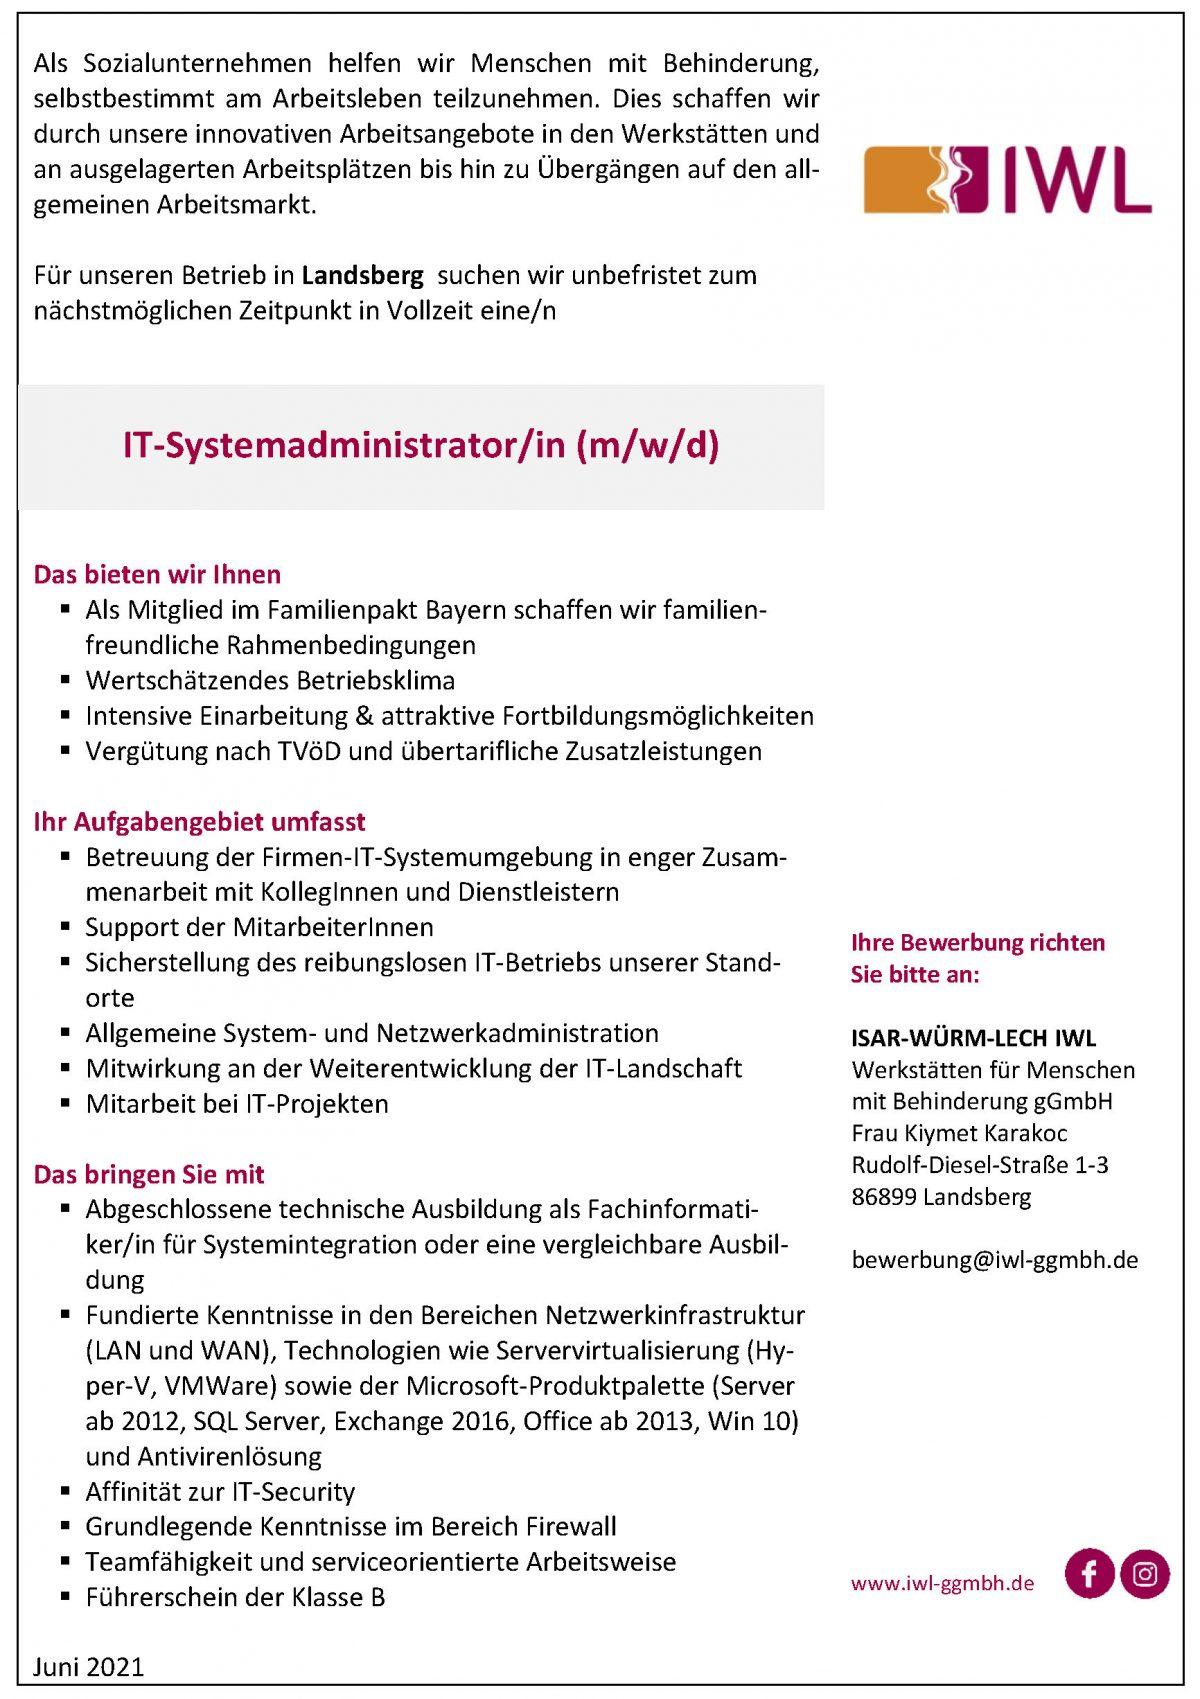 IWL Stellenanzeige zum/zur IT-Systemadministrator/in